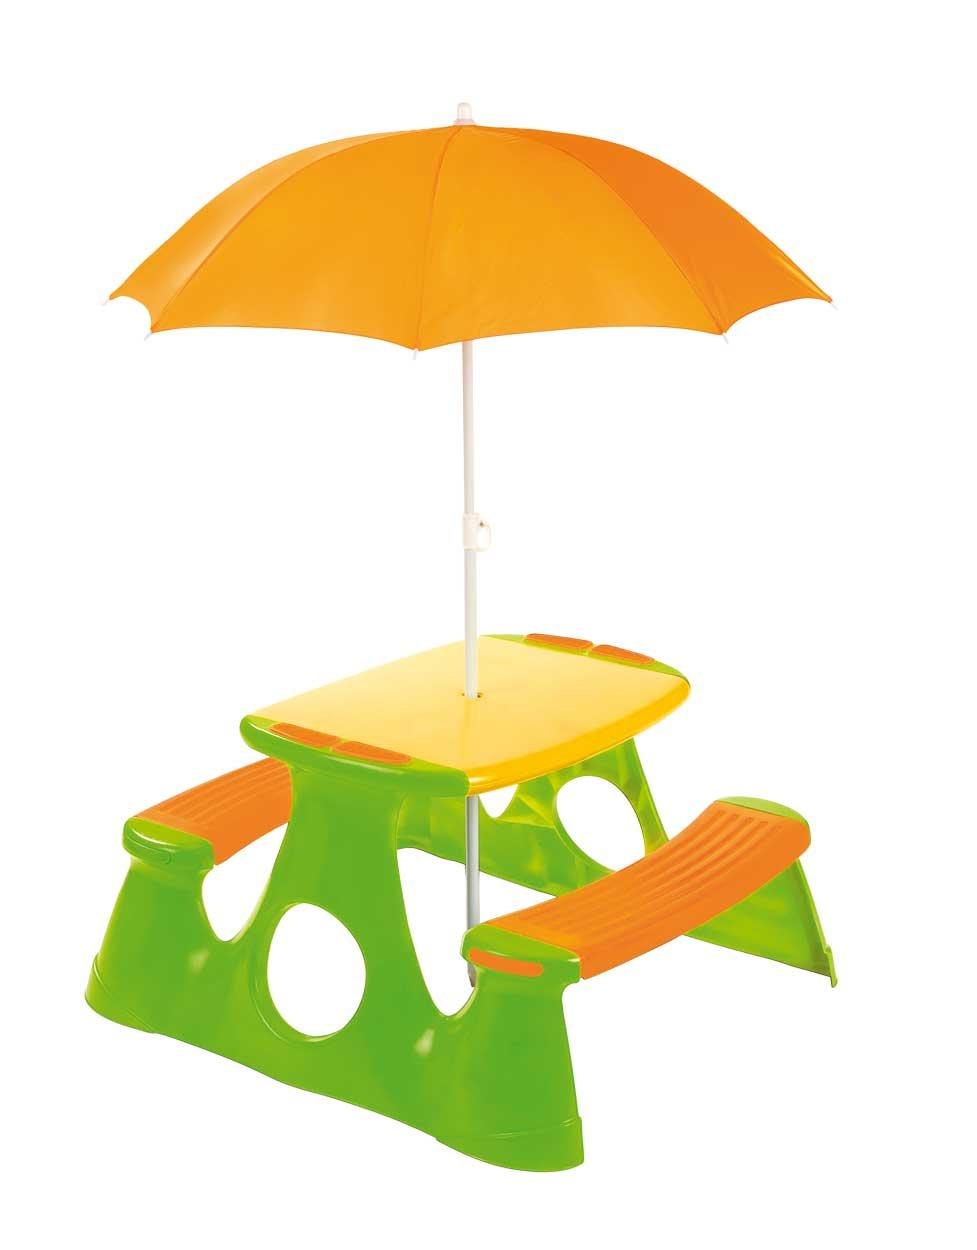 Paradiso giocattoli per bambini tavolo da picnic con ombrellone Paradiso Toys